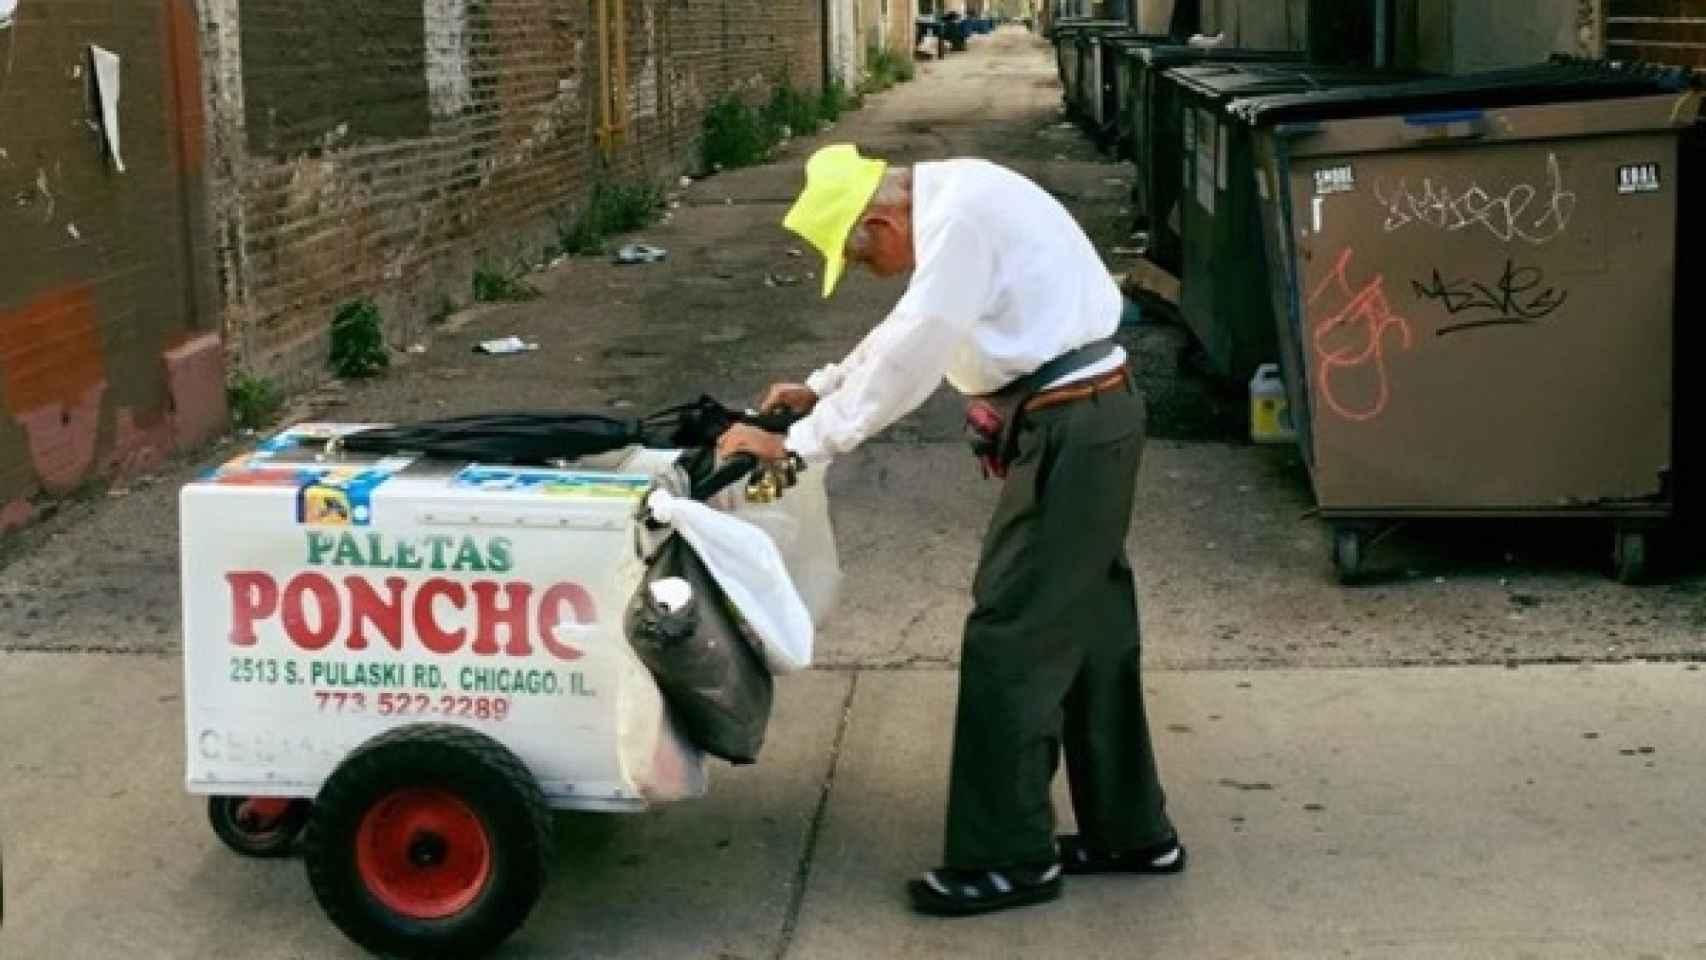 Fidencio arrastrando su carrito de helados con su característica gorra amarilla.